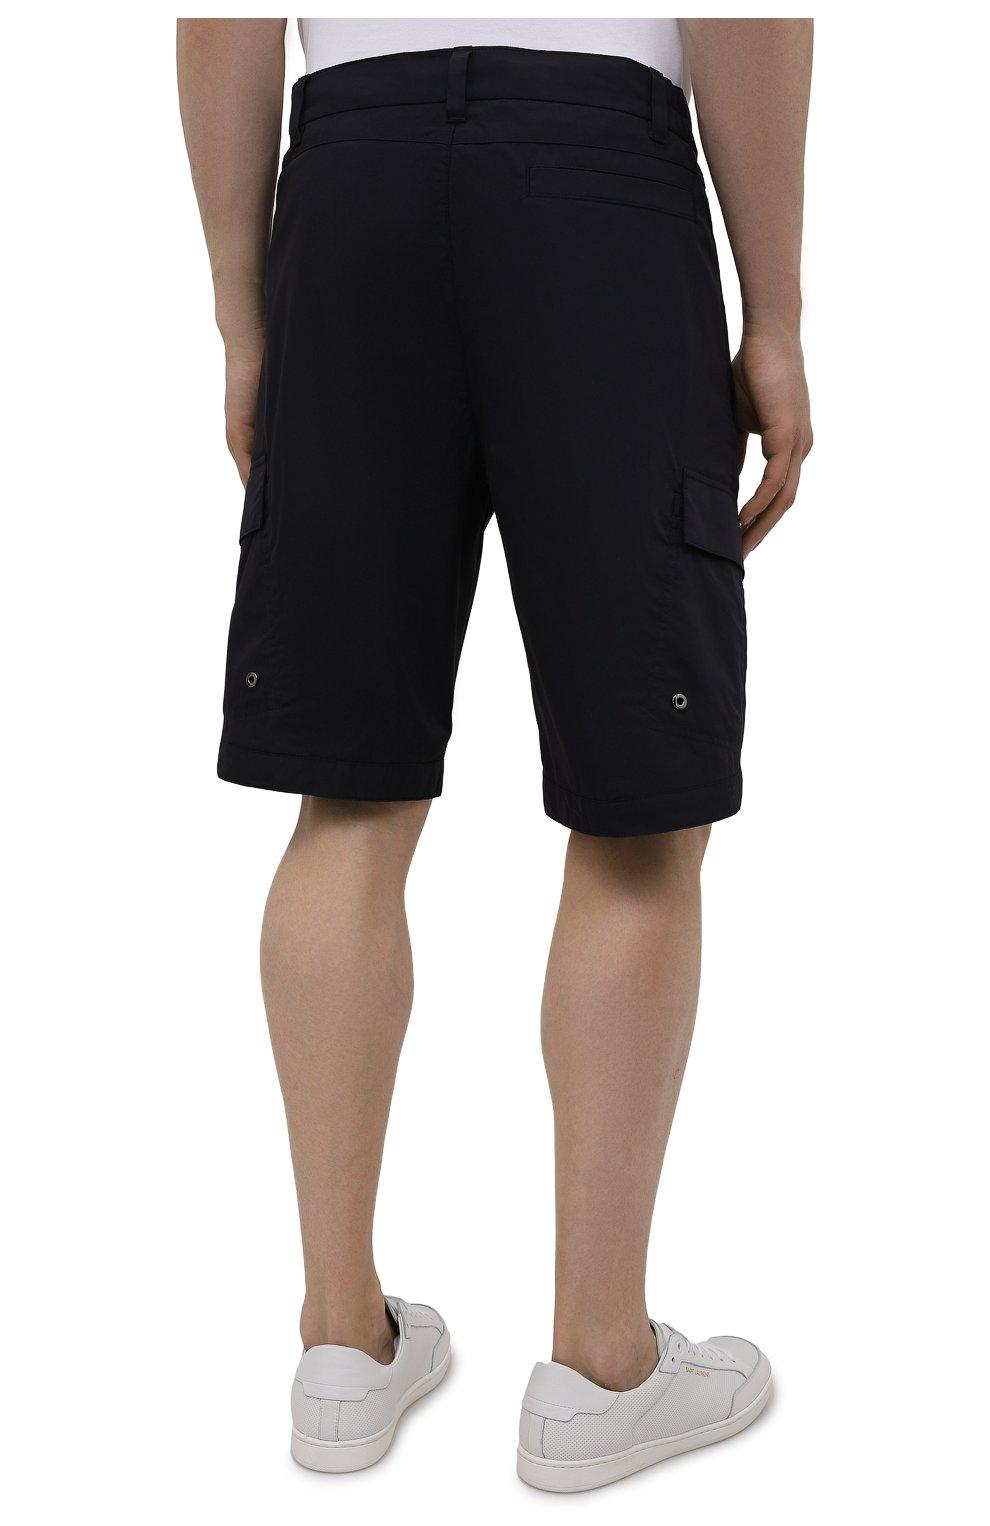 Мужские хлопковые шорты BOGNER темно-синего цвета, арт. 18173753 | Фото 4 (Мужское Кросс-КТ: Шорты-одежда; Принт: Без принта; Длина Шорты М: Ниже колена; Материал внешний: Хлопок; Стили: Спорт-шик)